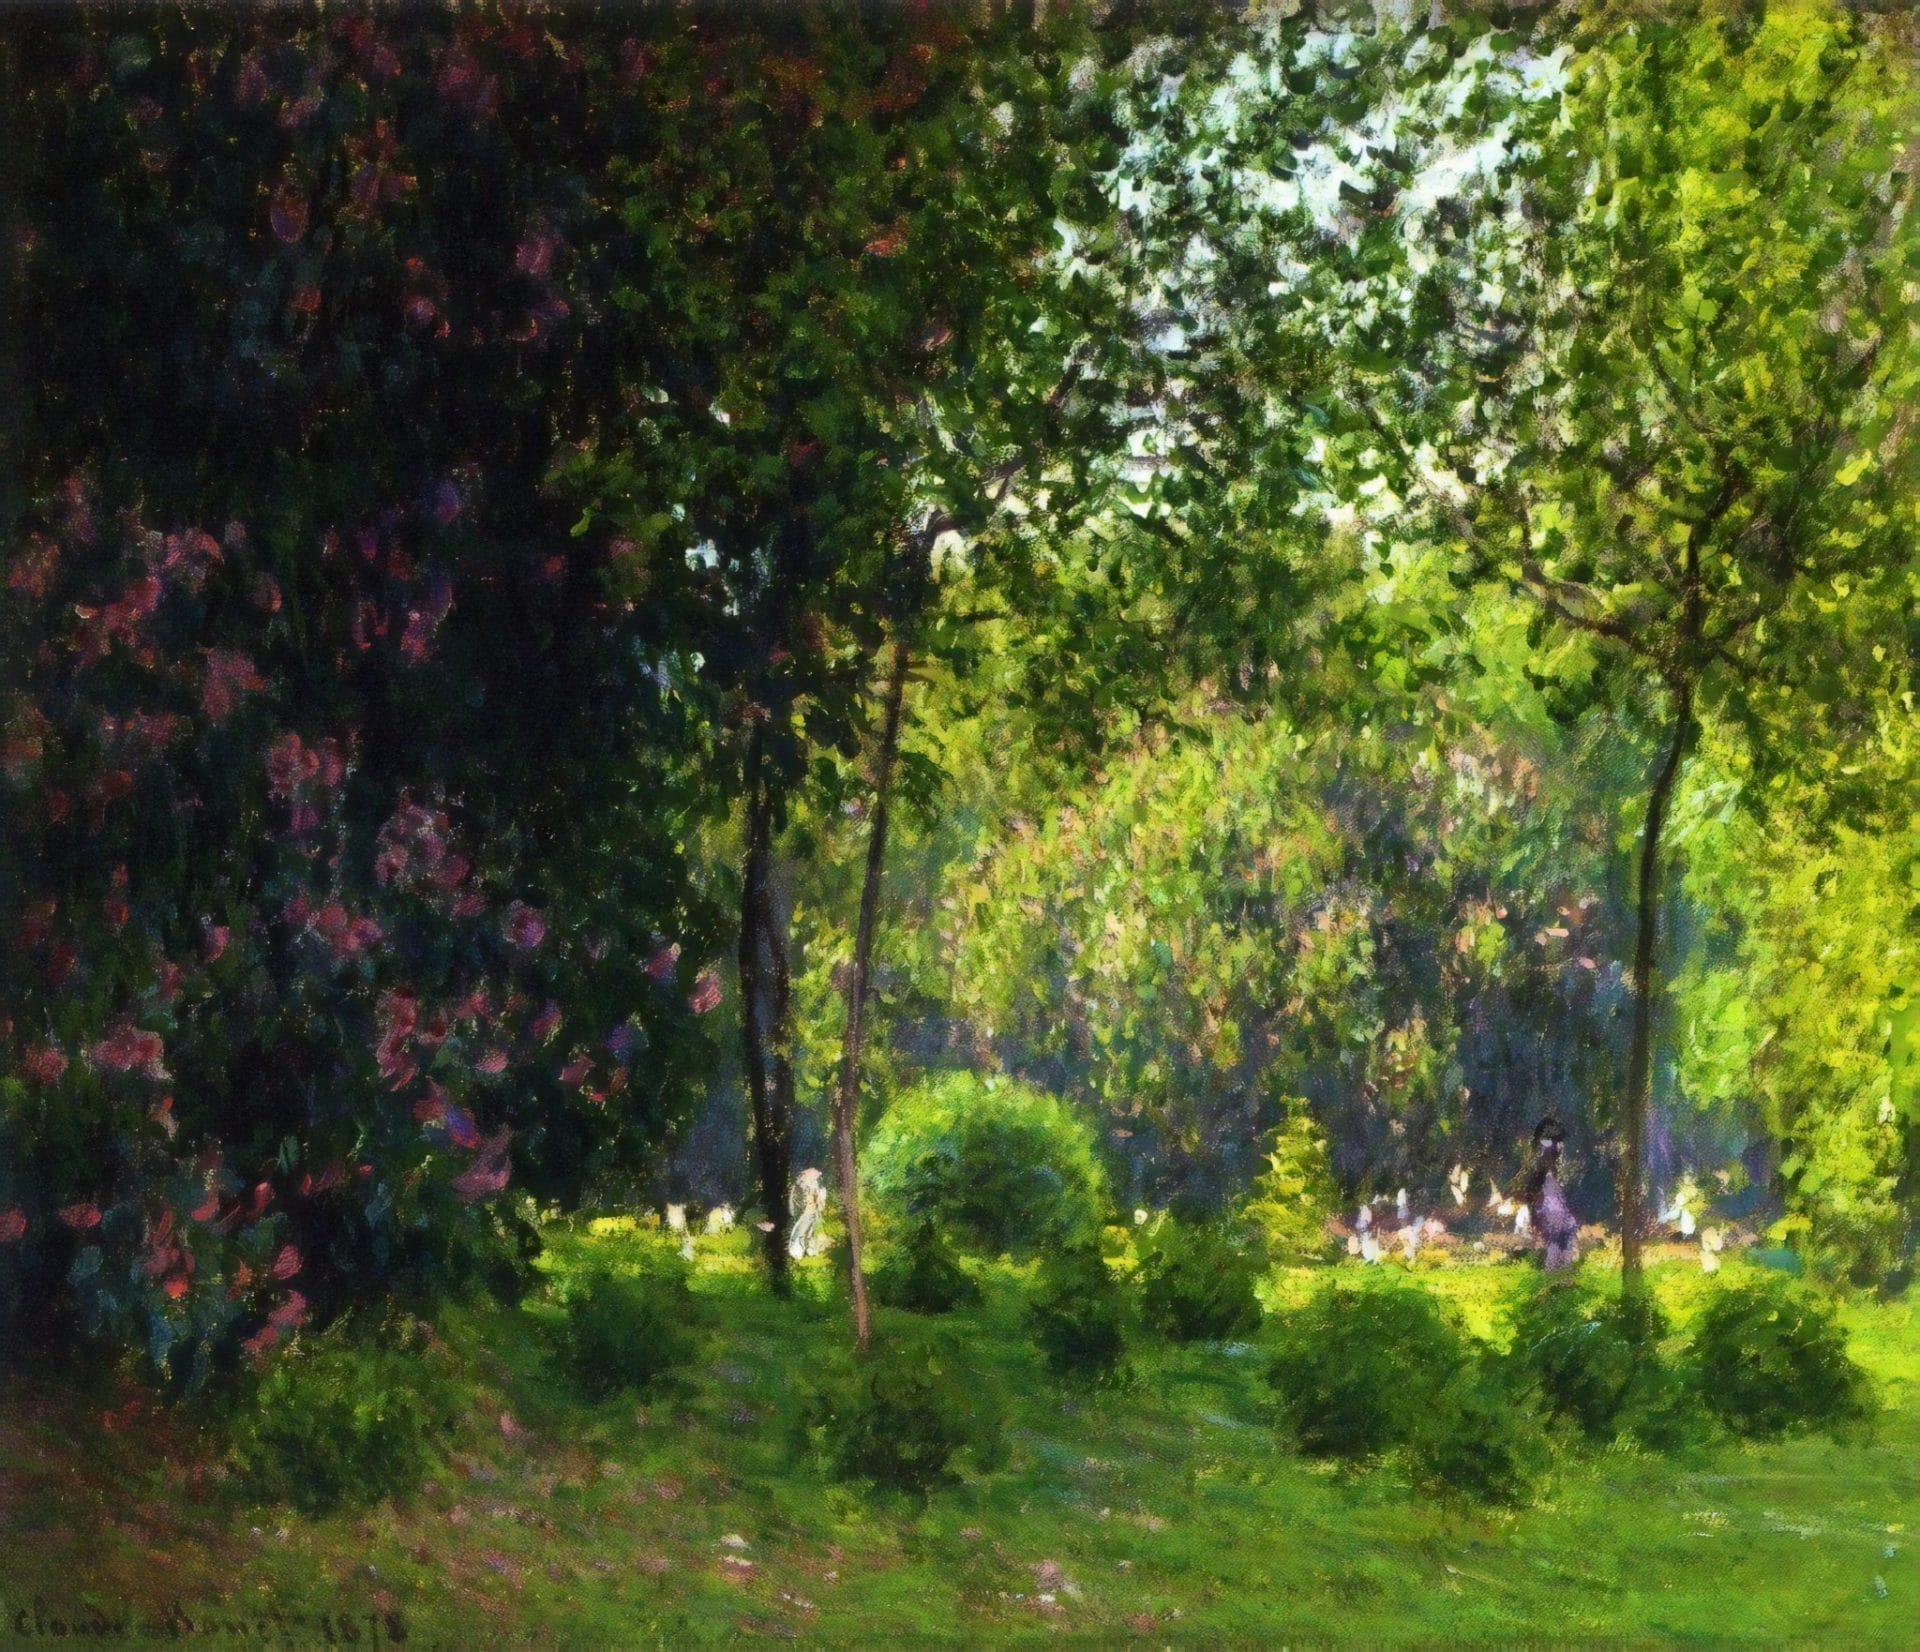 L'homme qui plantait des arbres - Jean Giono - Le vagabond des étoiles